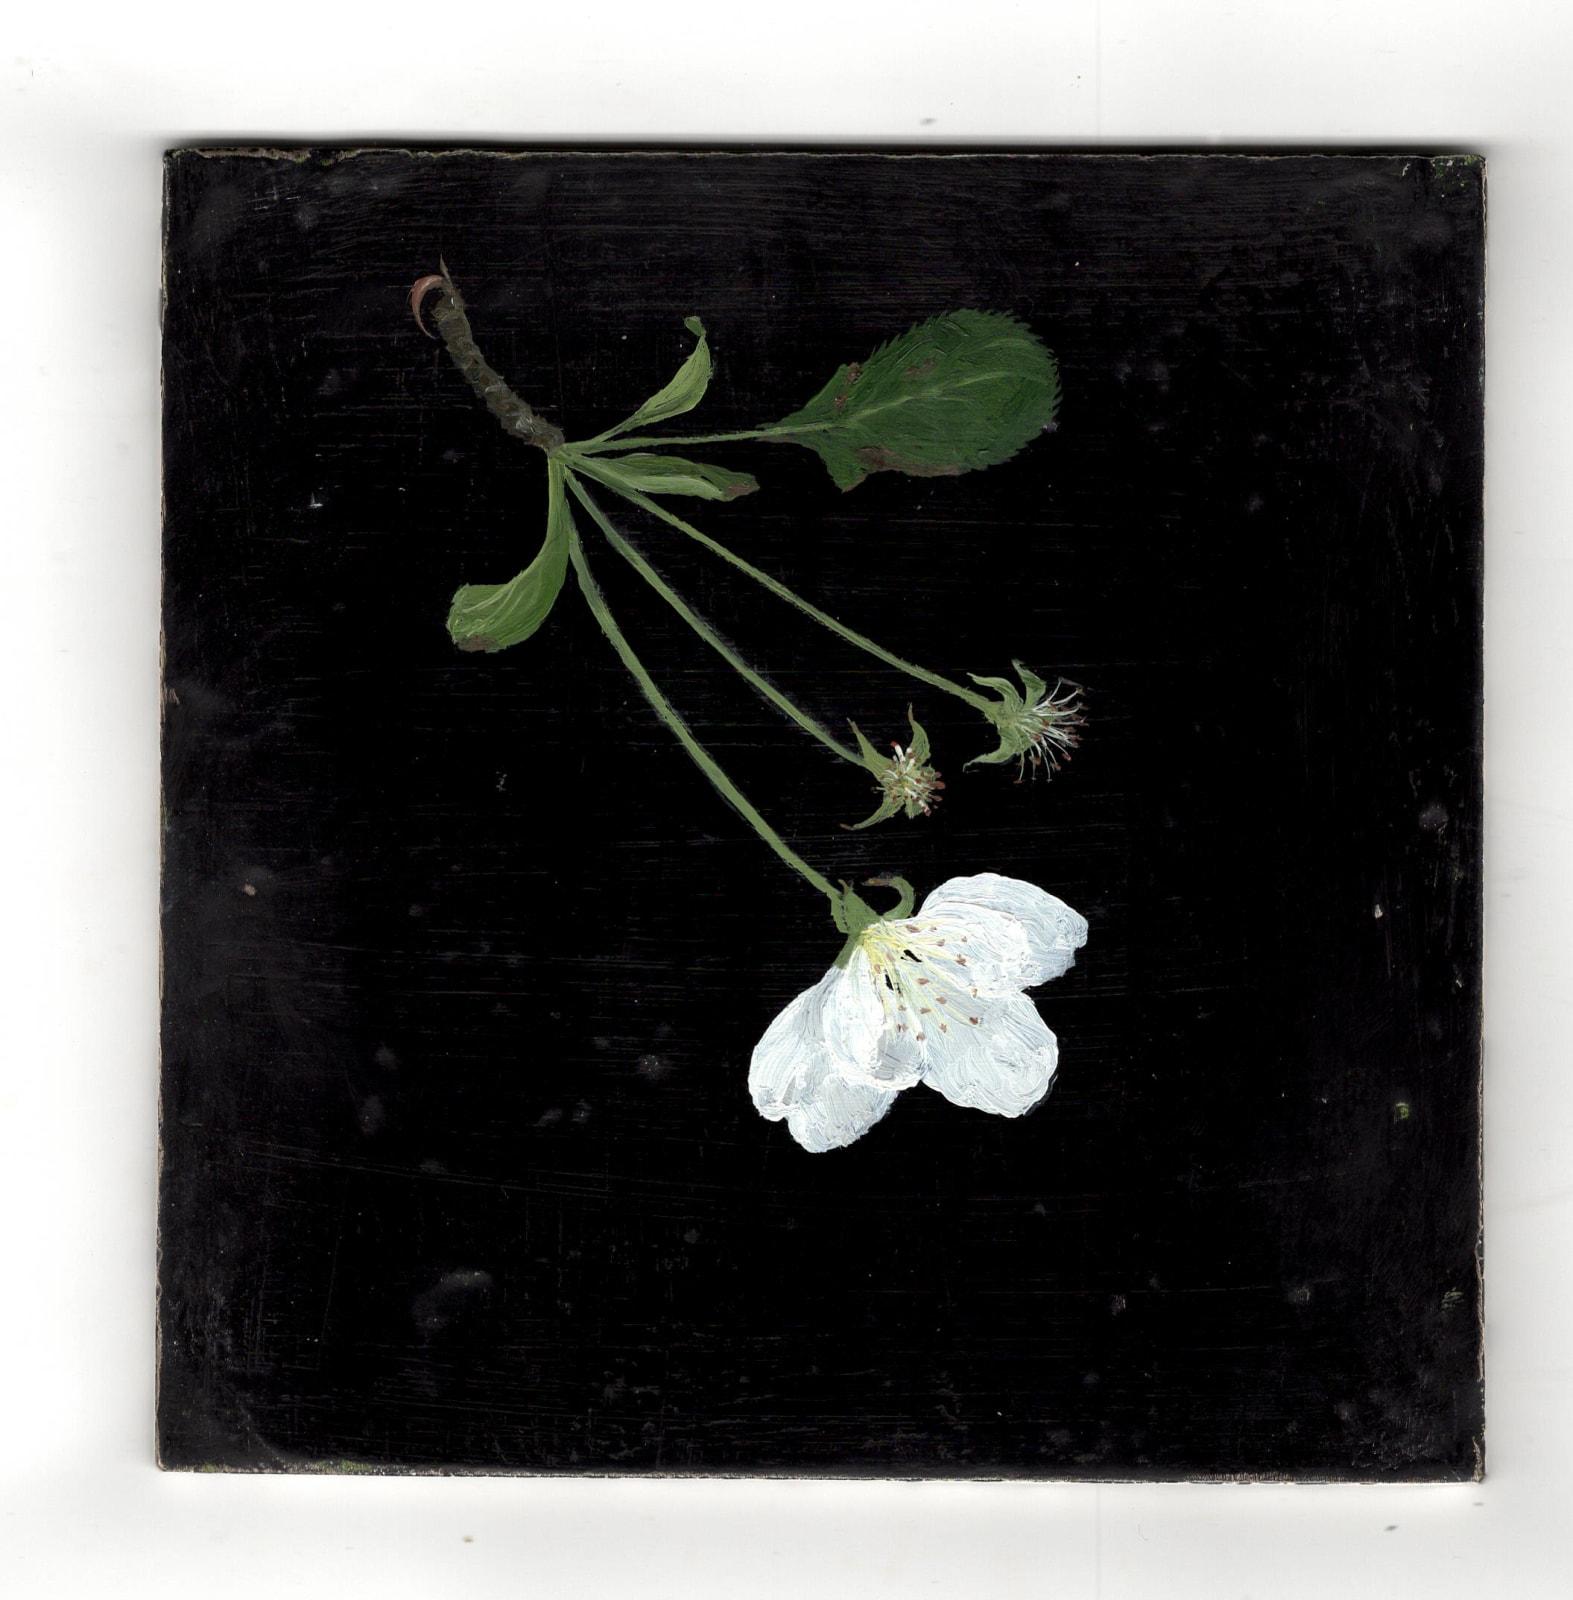 Melanie Miller, Single White Blossom, 2020